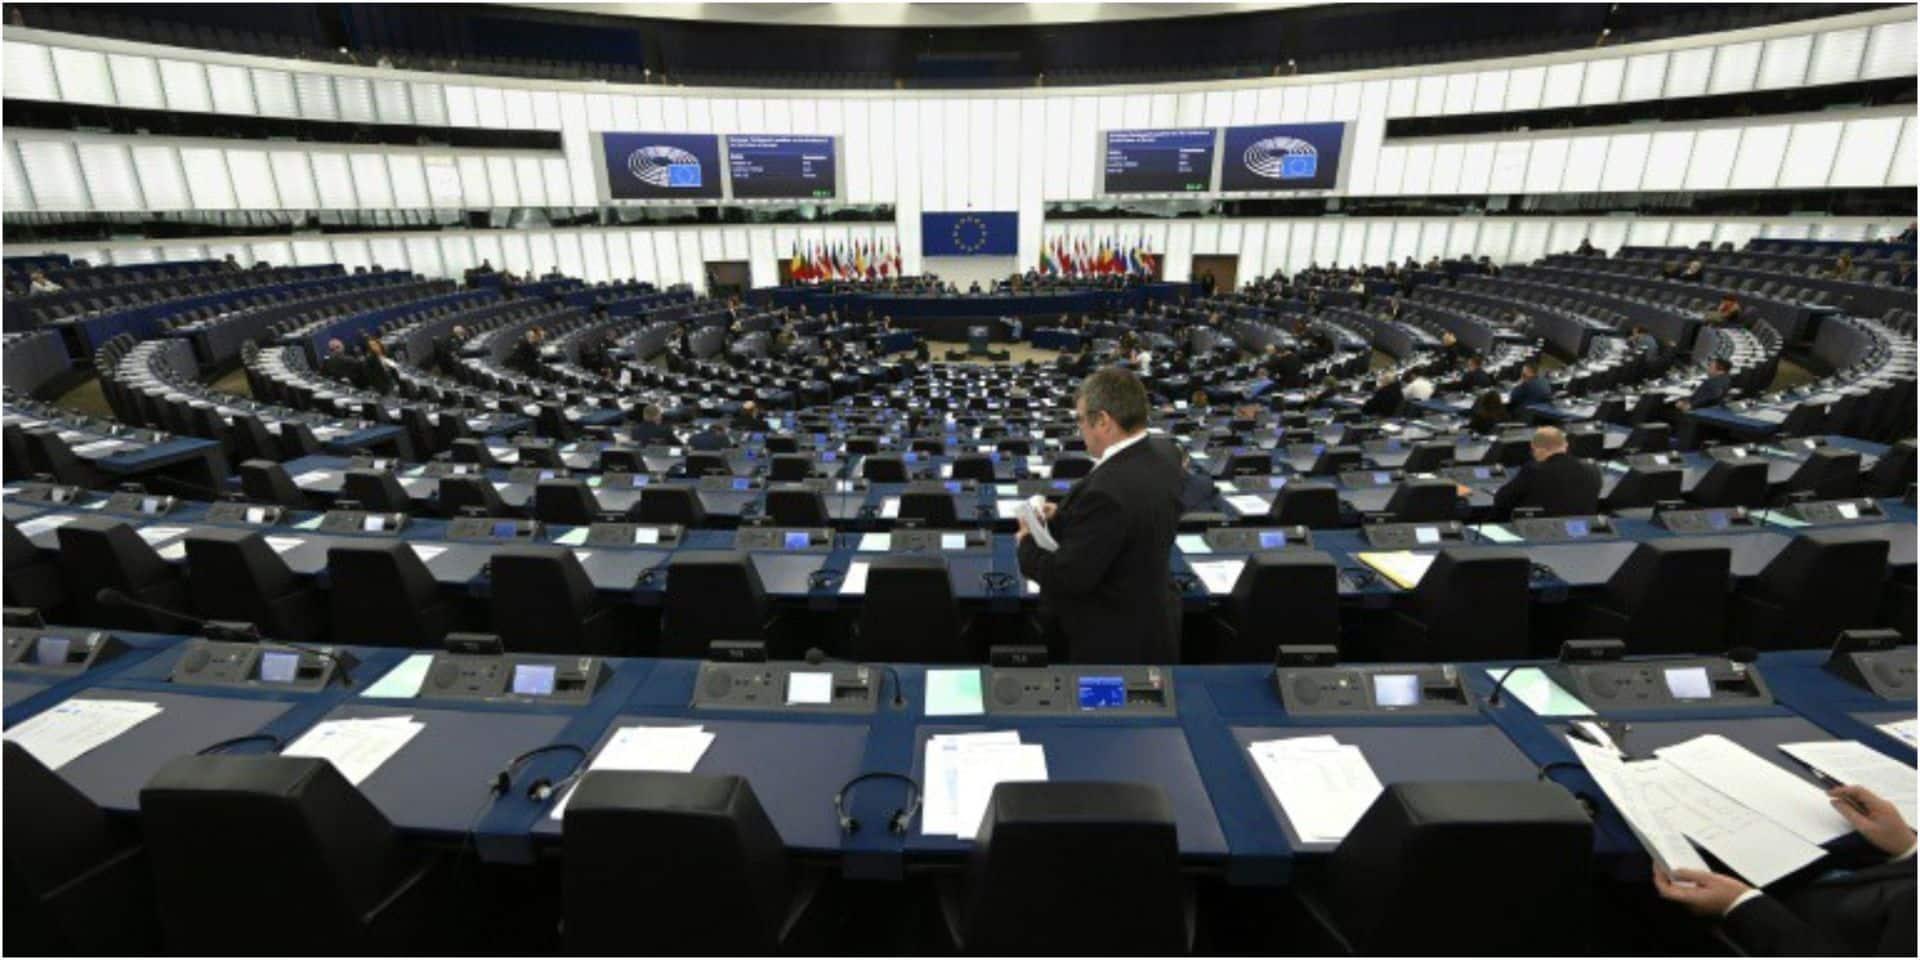 """Le Parlement et les États membres en désaccord sur la façon de verdir la politique agricole : """"On est très fort pour faire des déclarations"""""""